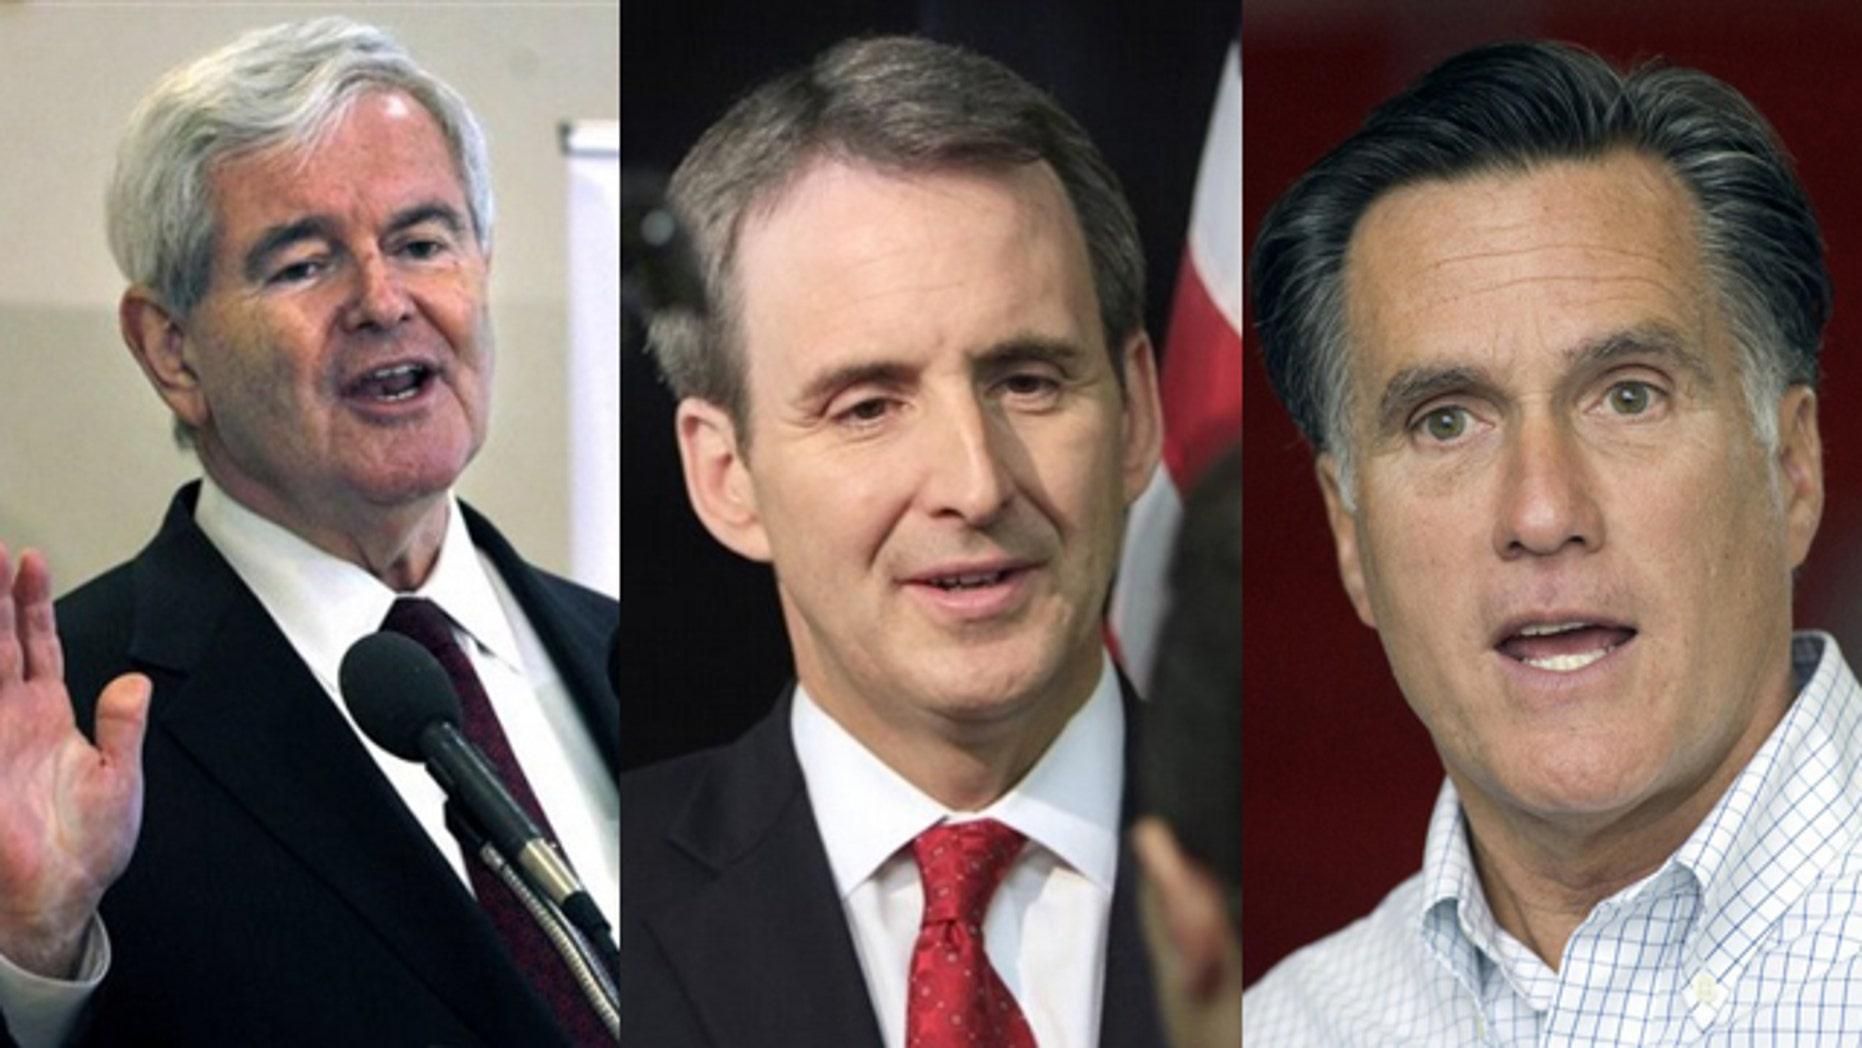 Shown here are former House Speaker Newt Gingrich, left, former Minnesota Gov. Tim Pawlenty, center, and former Massachusetts Gov. Mitt Romney.